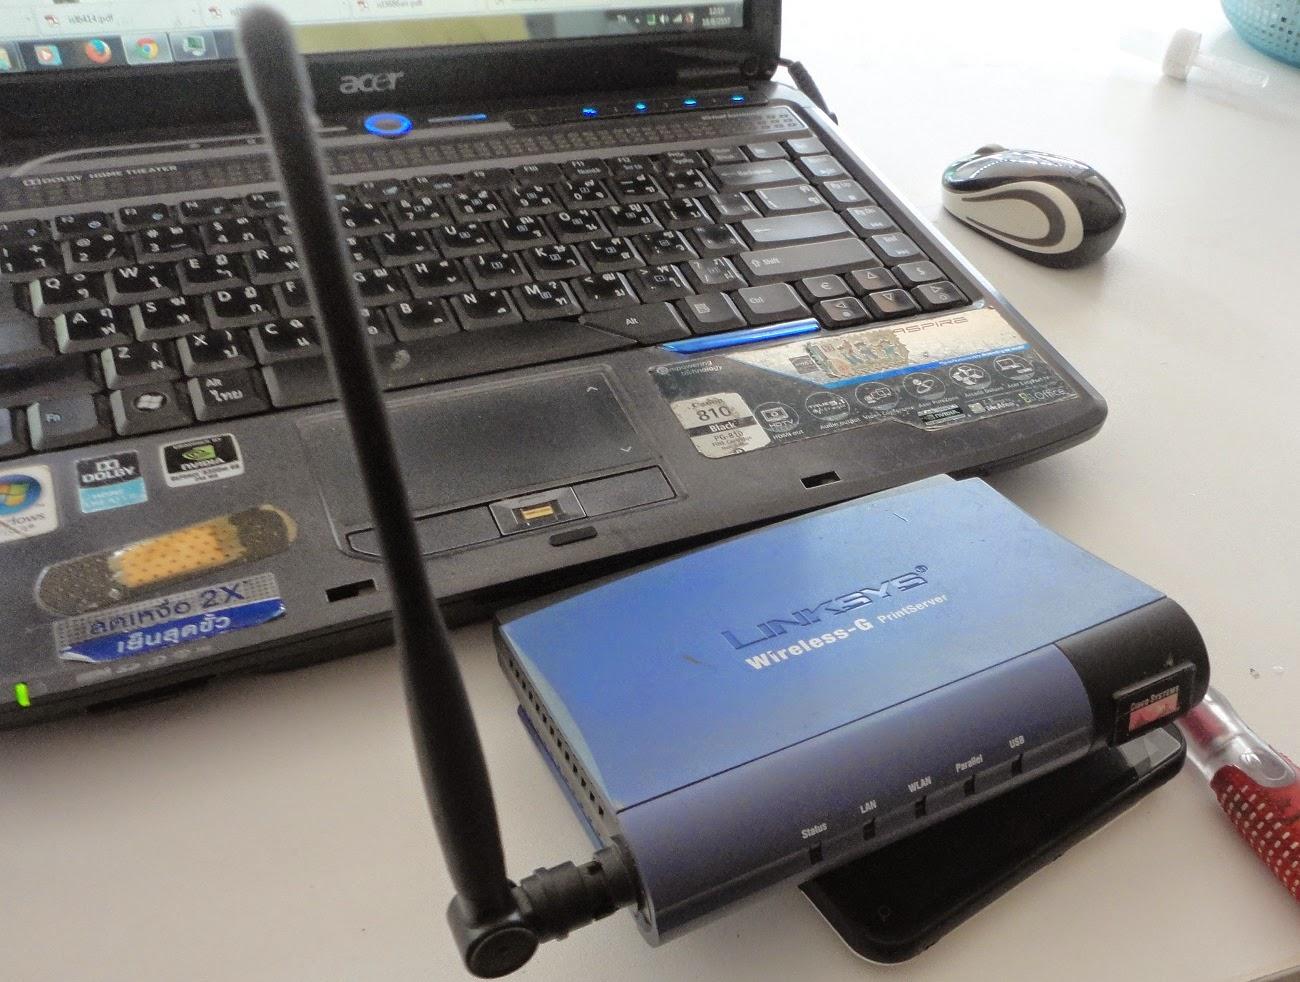 Hewlett Packard Jetdirect 680n 802.11b Wireless Print ...